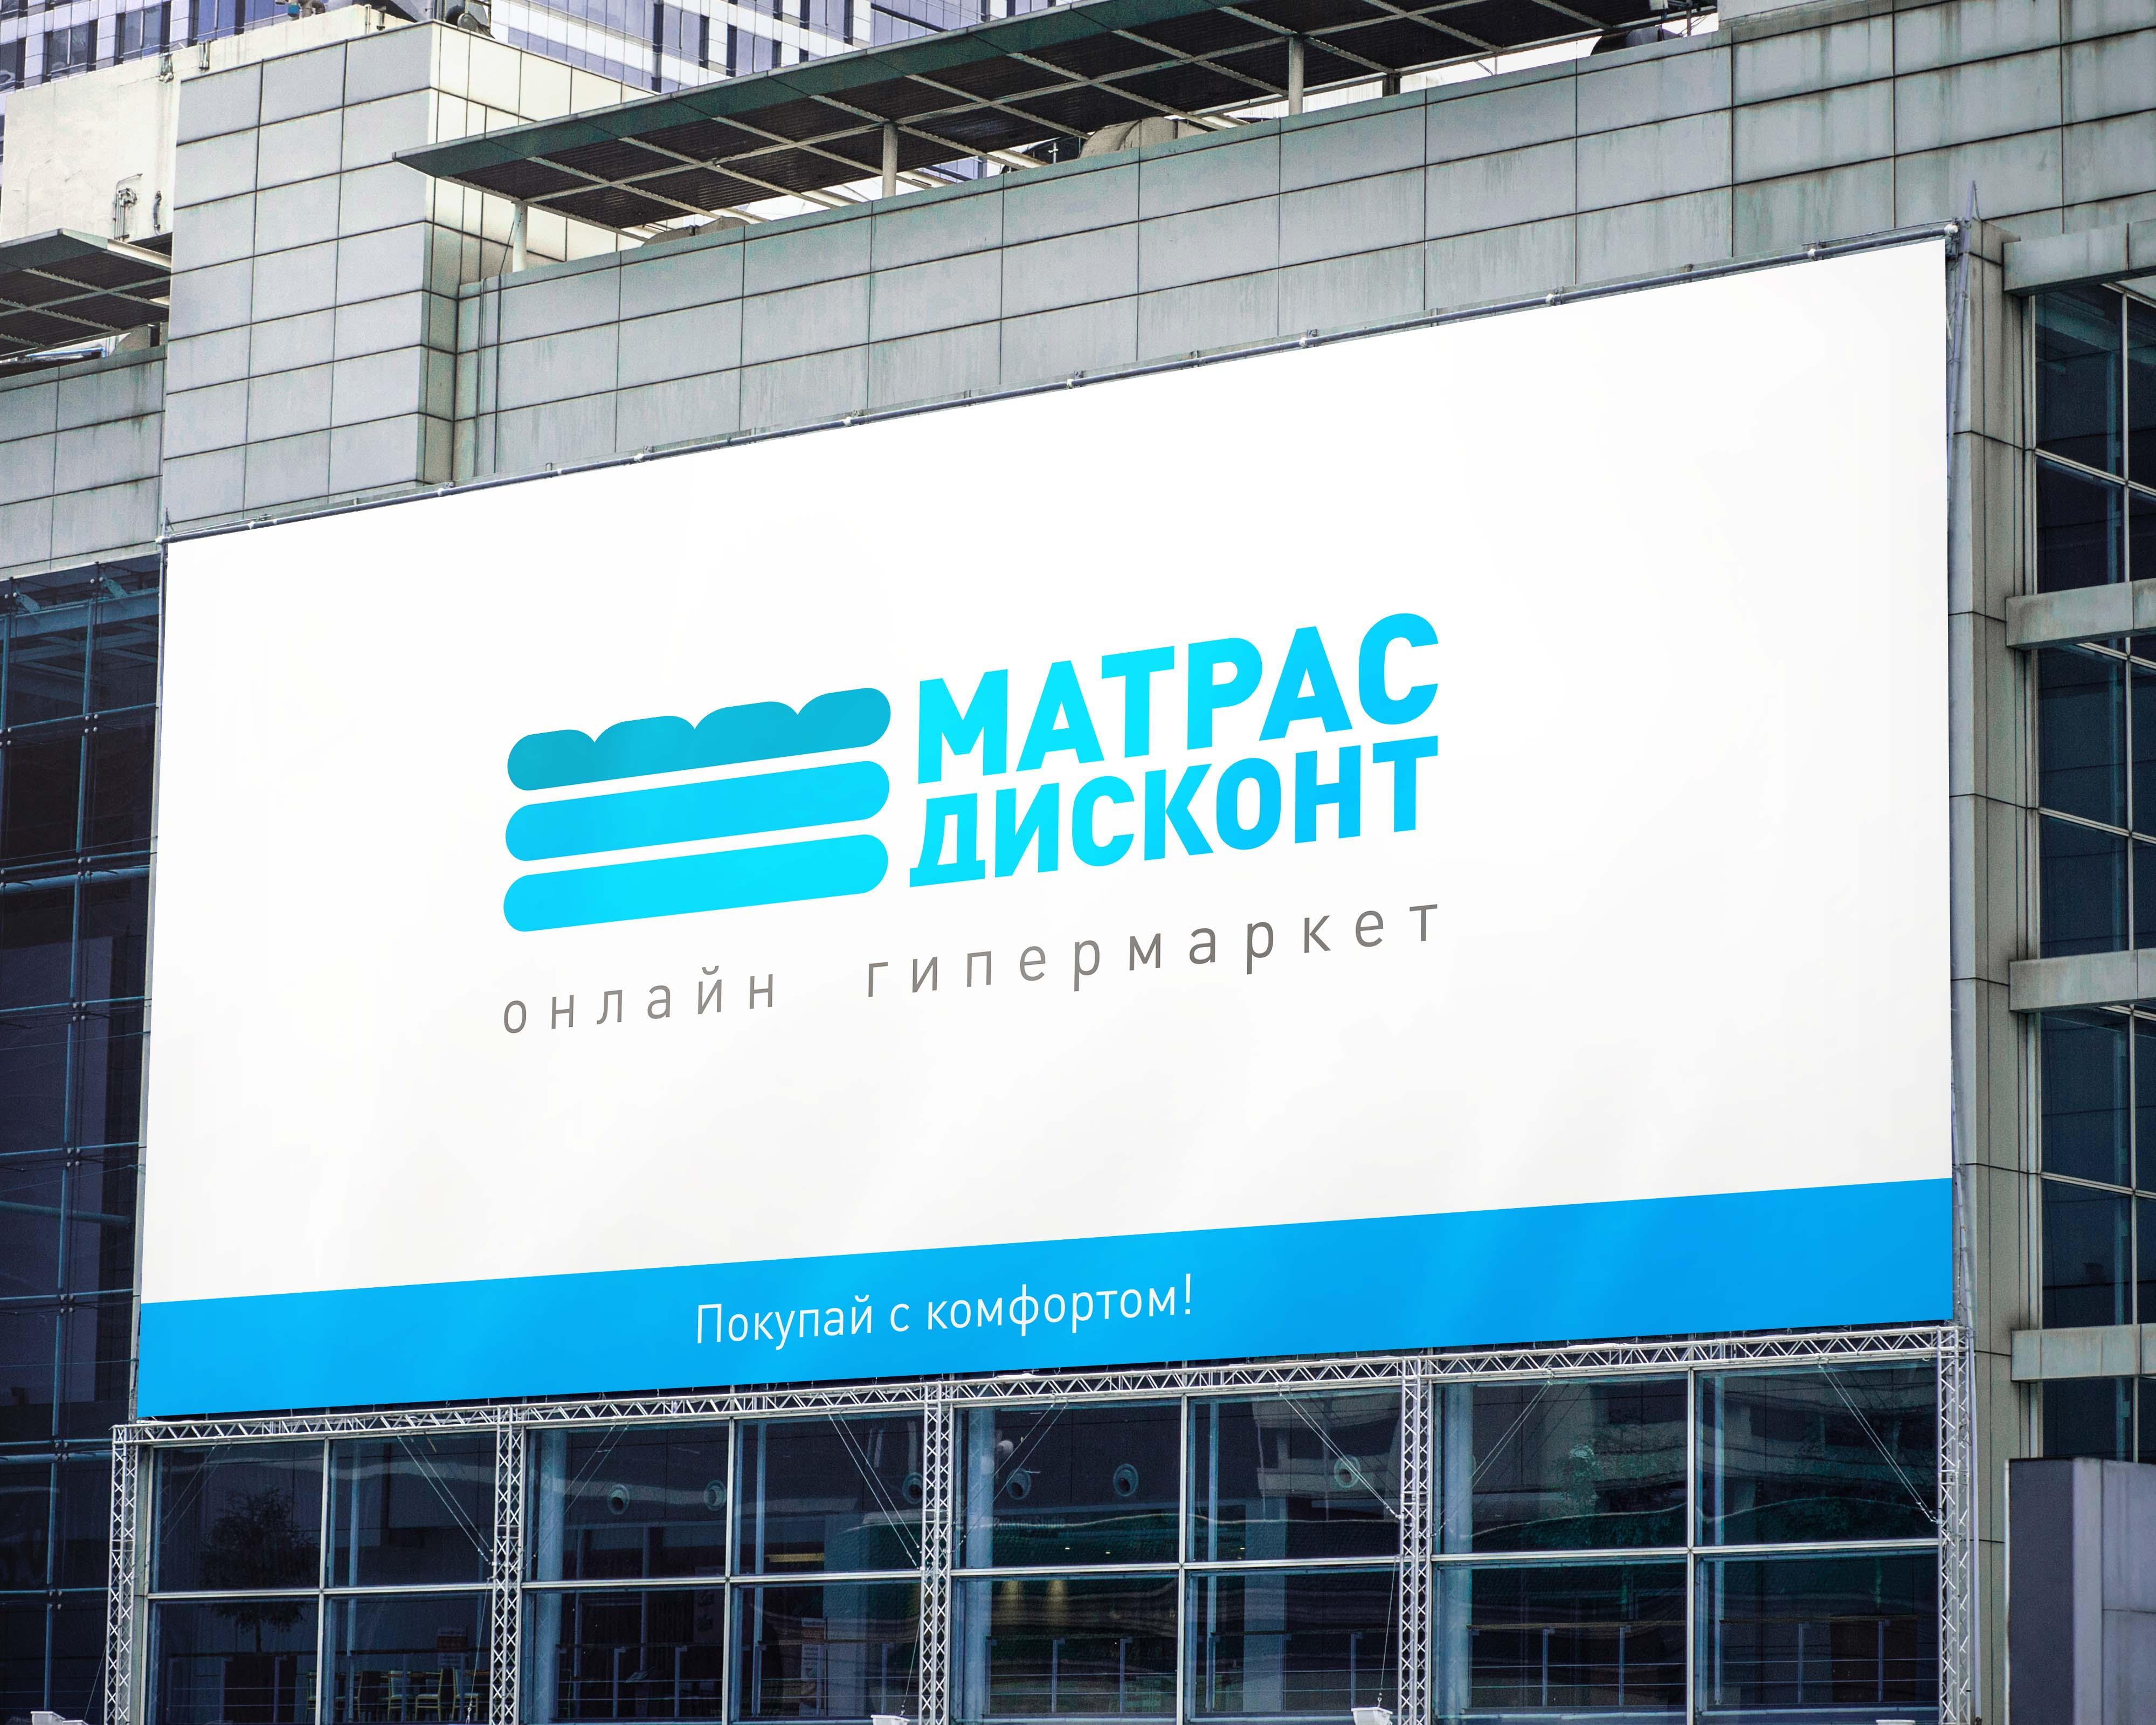 Логотип для ИМ матрасов фото f_2295c864d2f7fef5.jpg